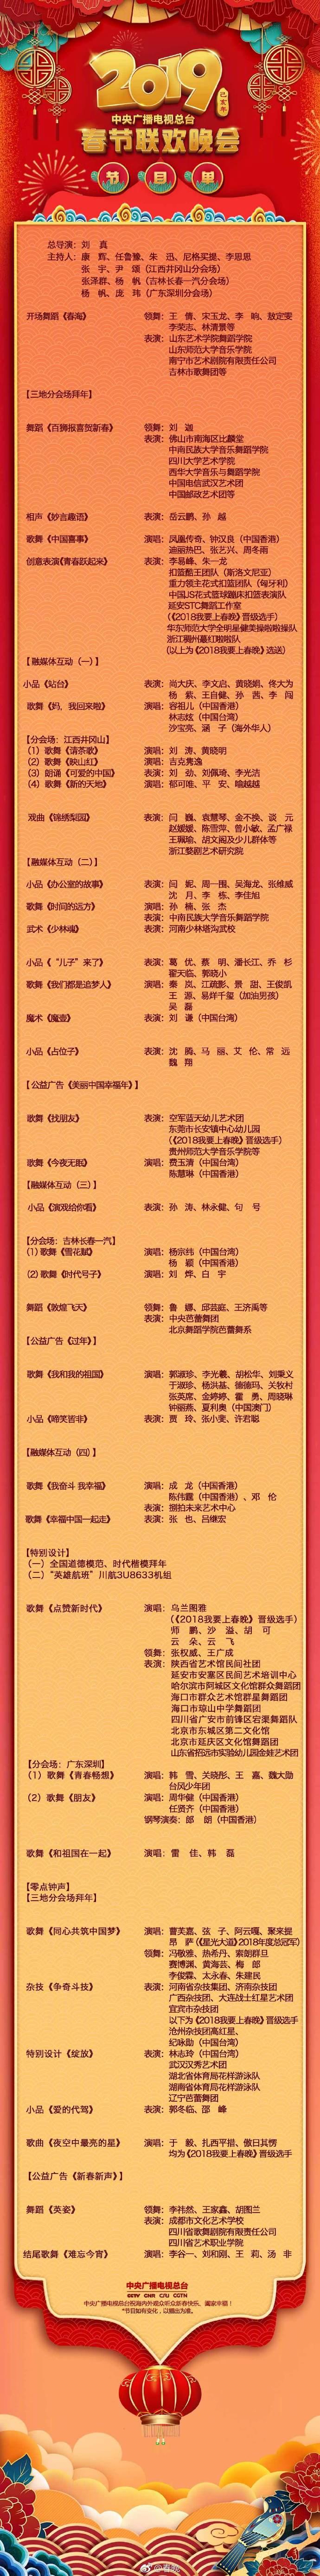 2019央视春晚节目单(官宣)